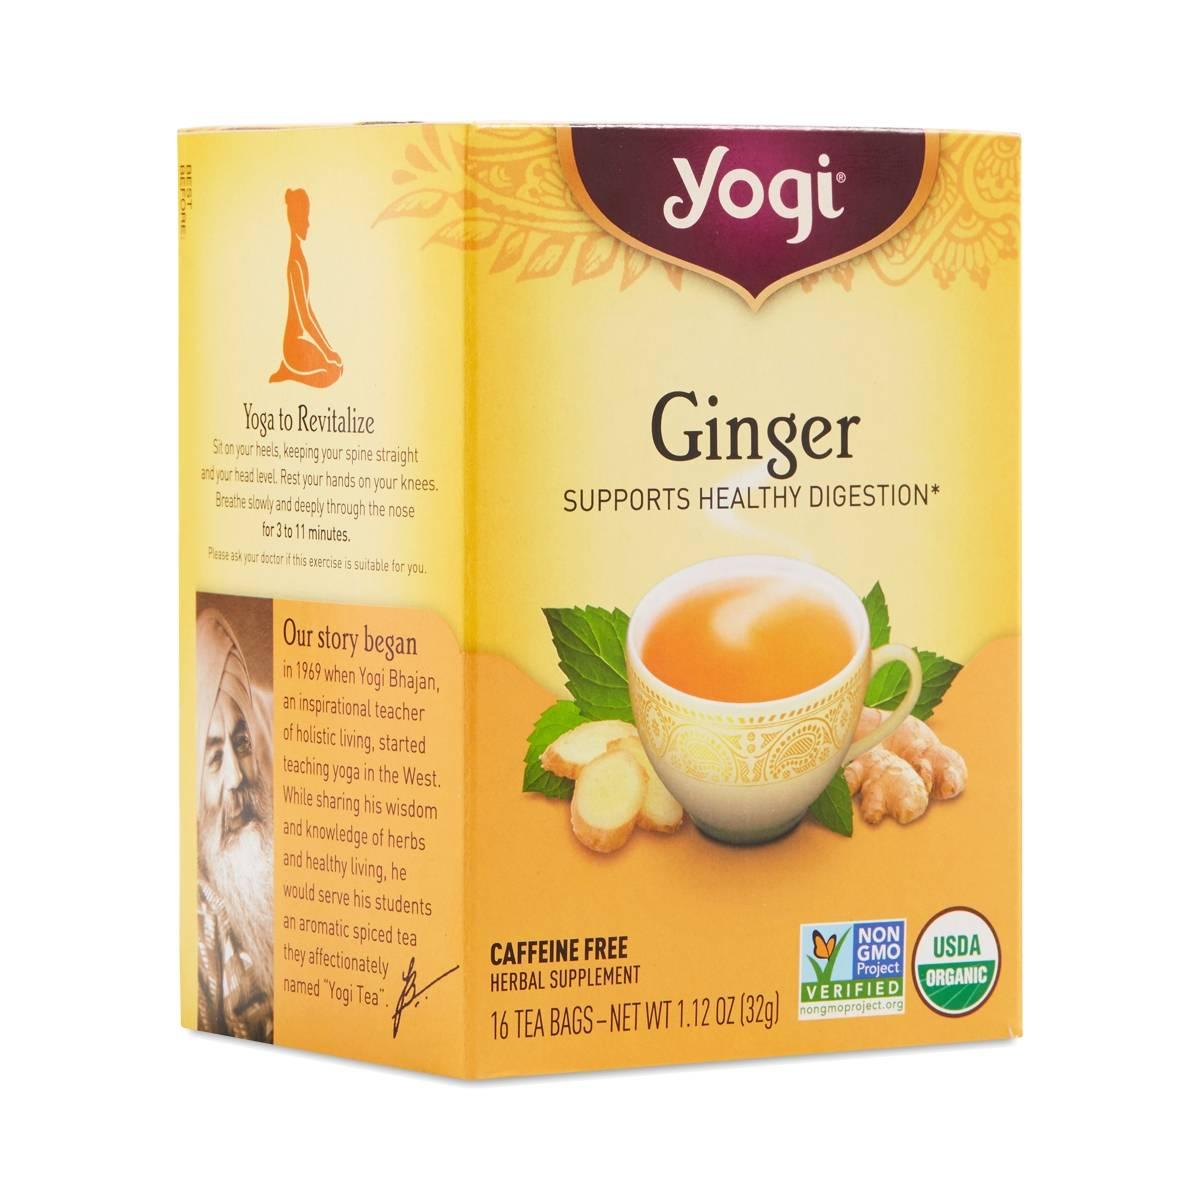 Best Way To Flavor Tea Naturally